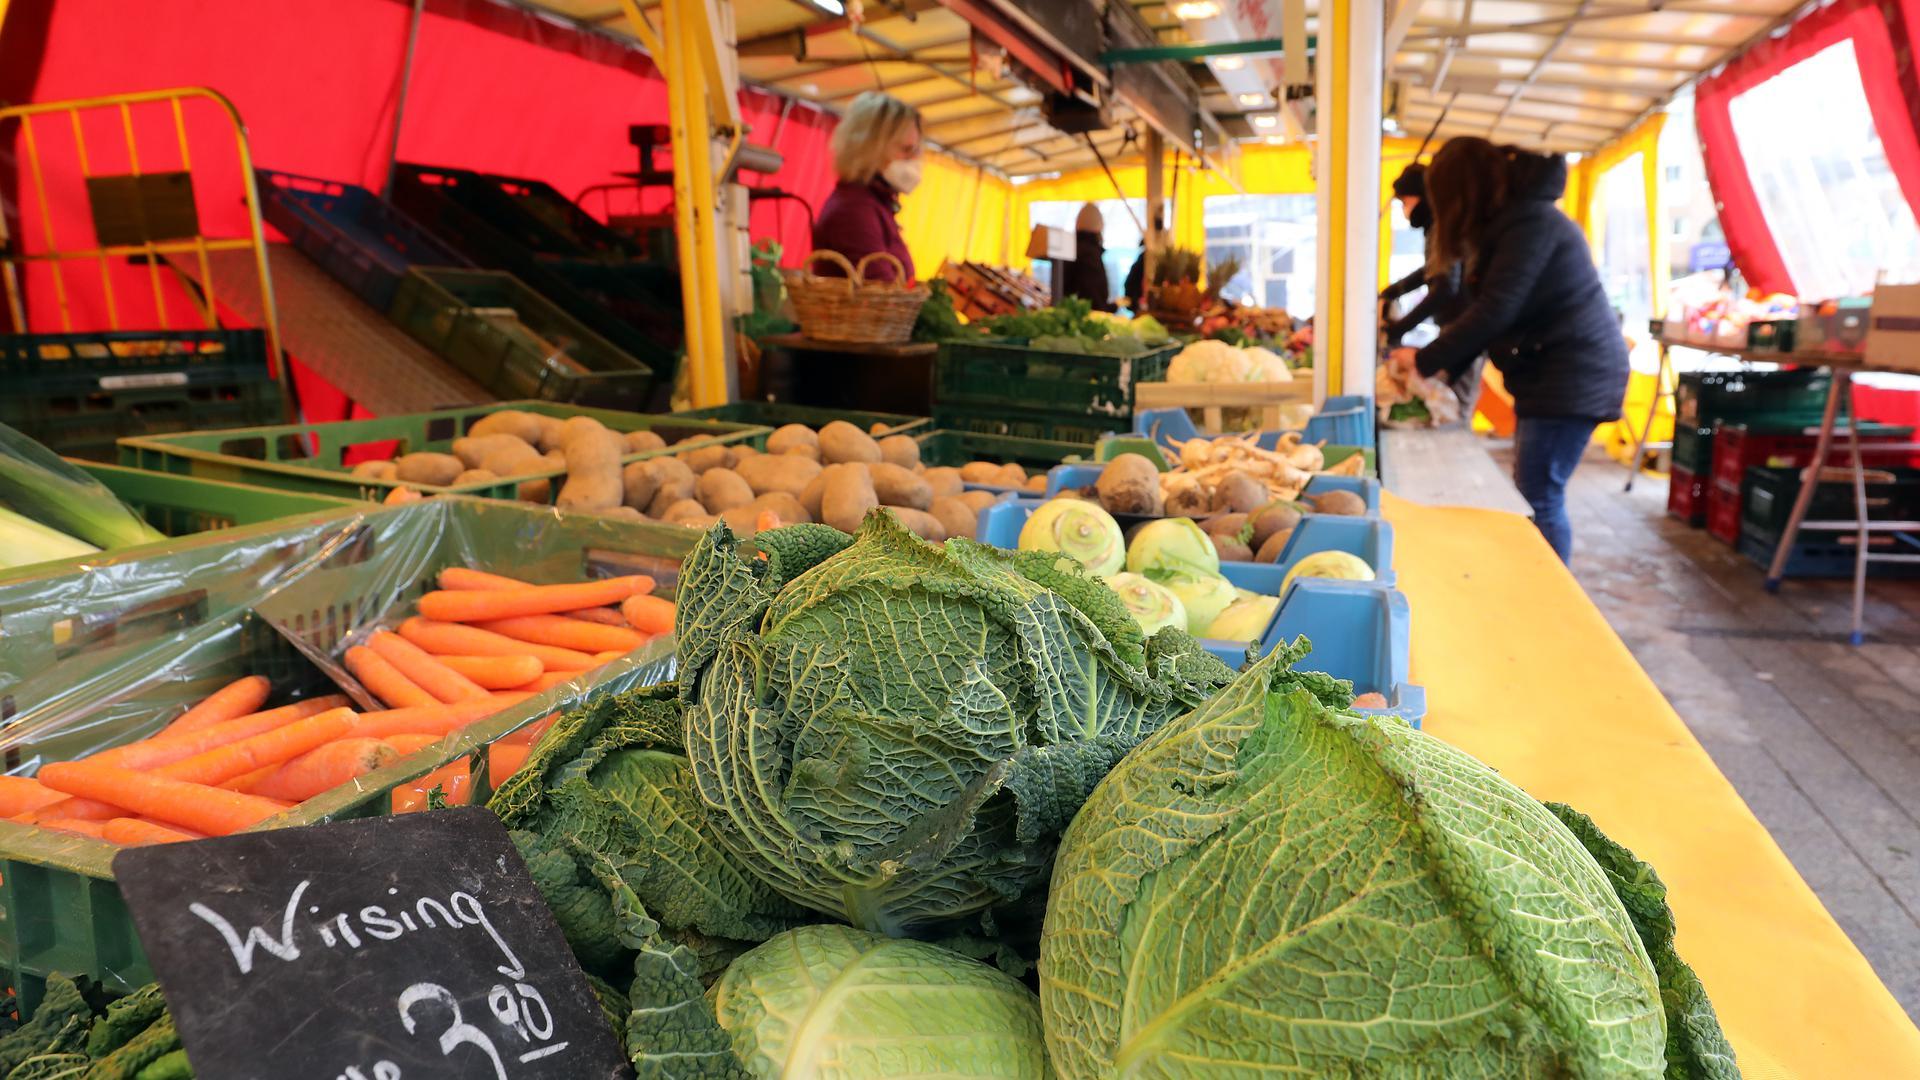 Gemüse liegt auf einem Marktstand